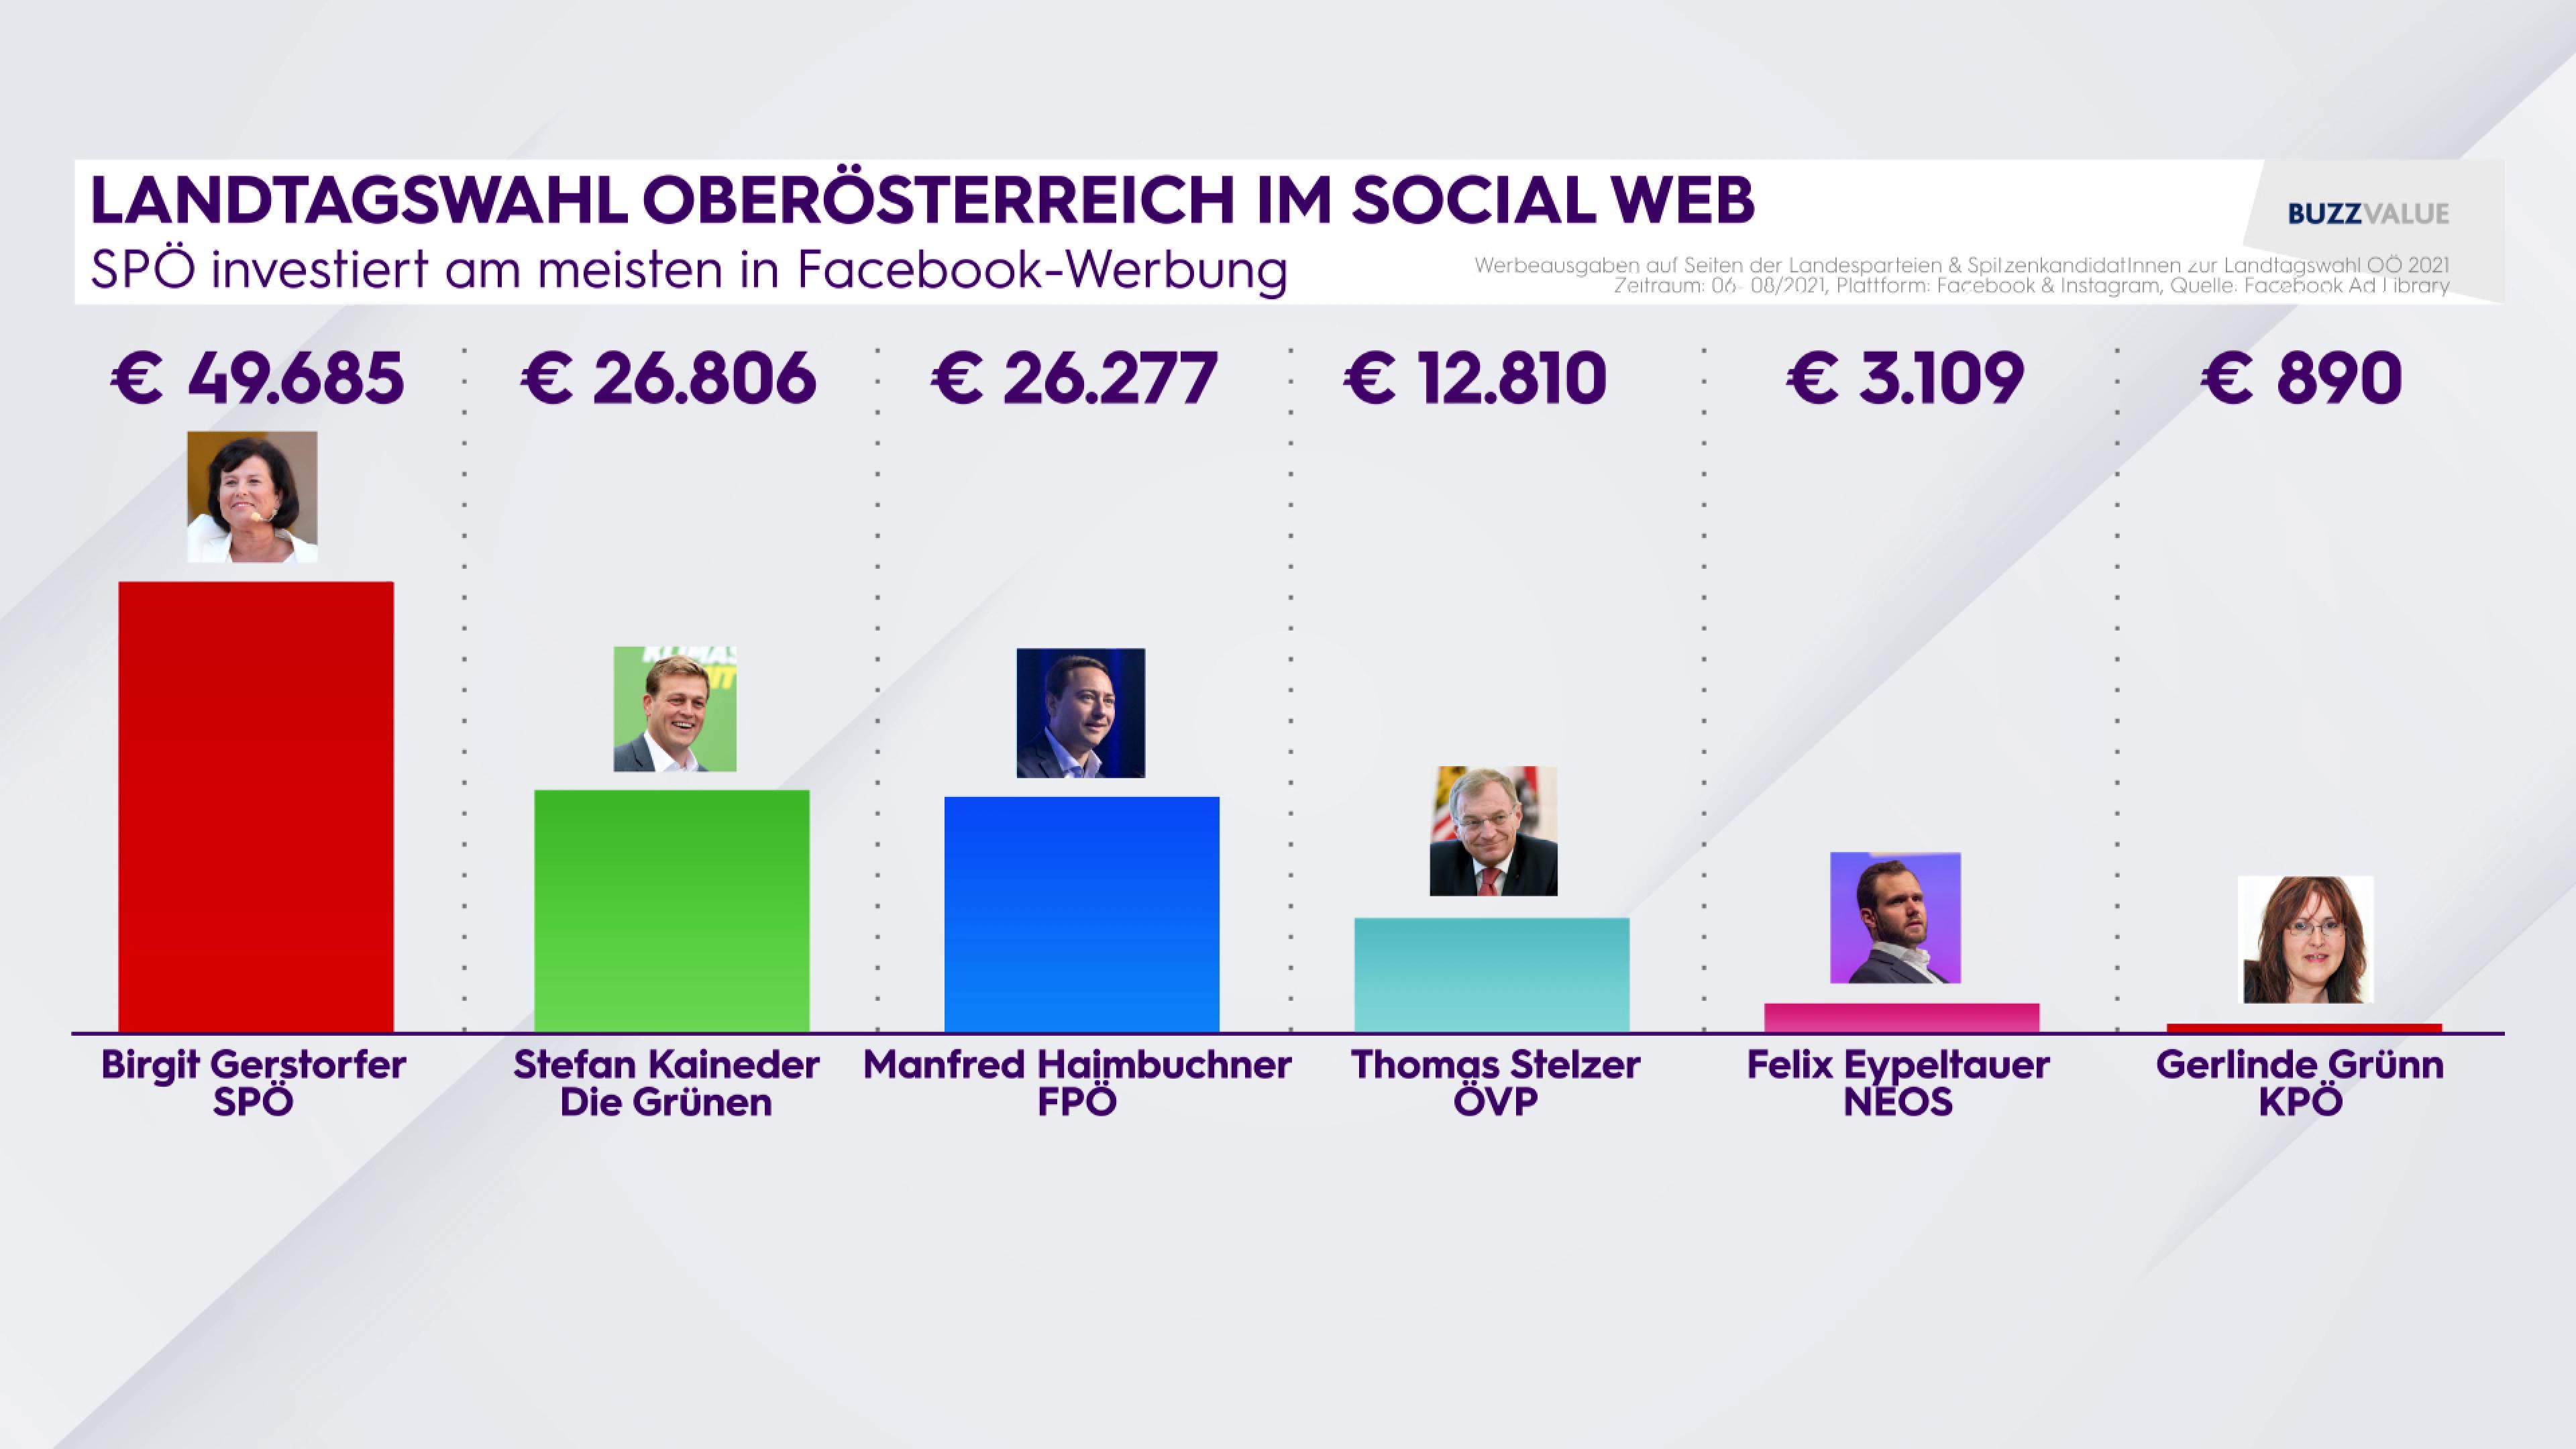 Landtagswahl Oberösterreich im Social Web